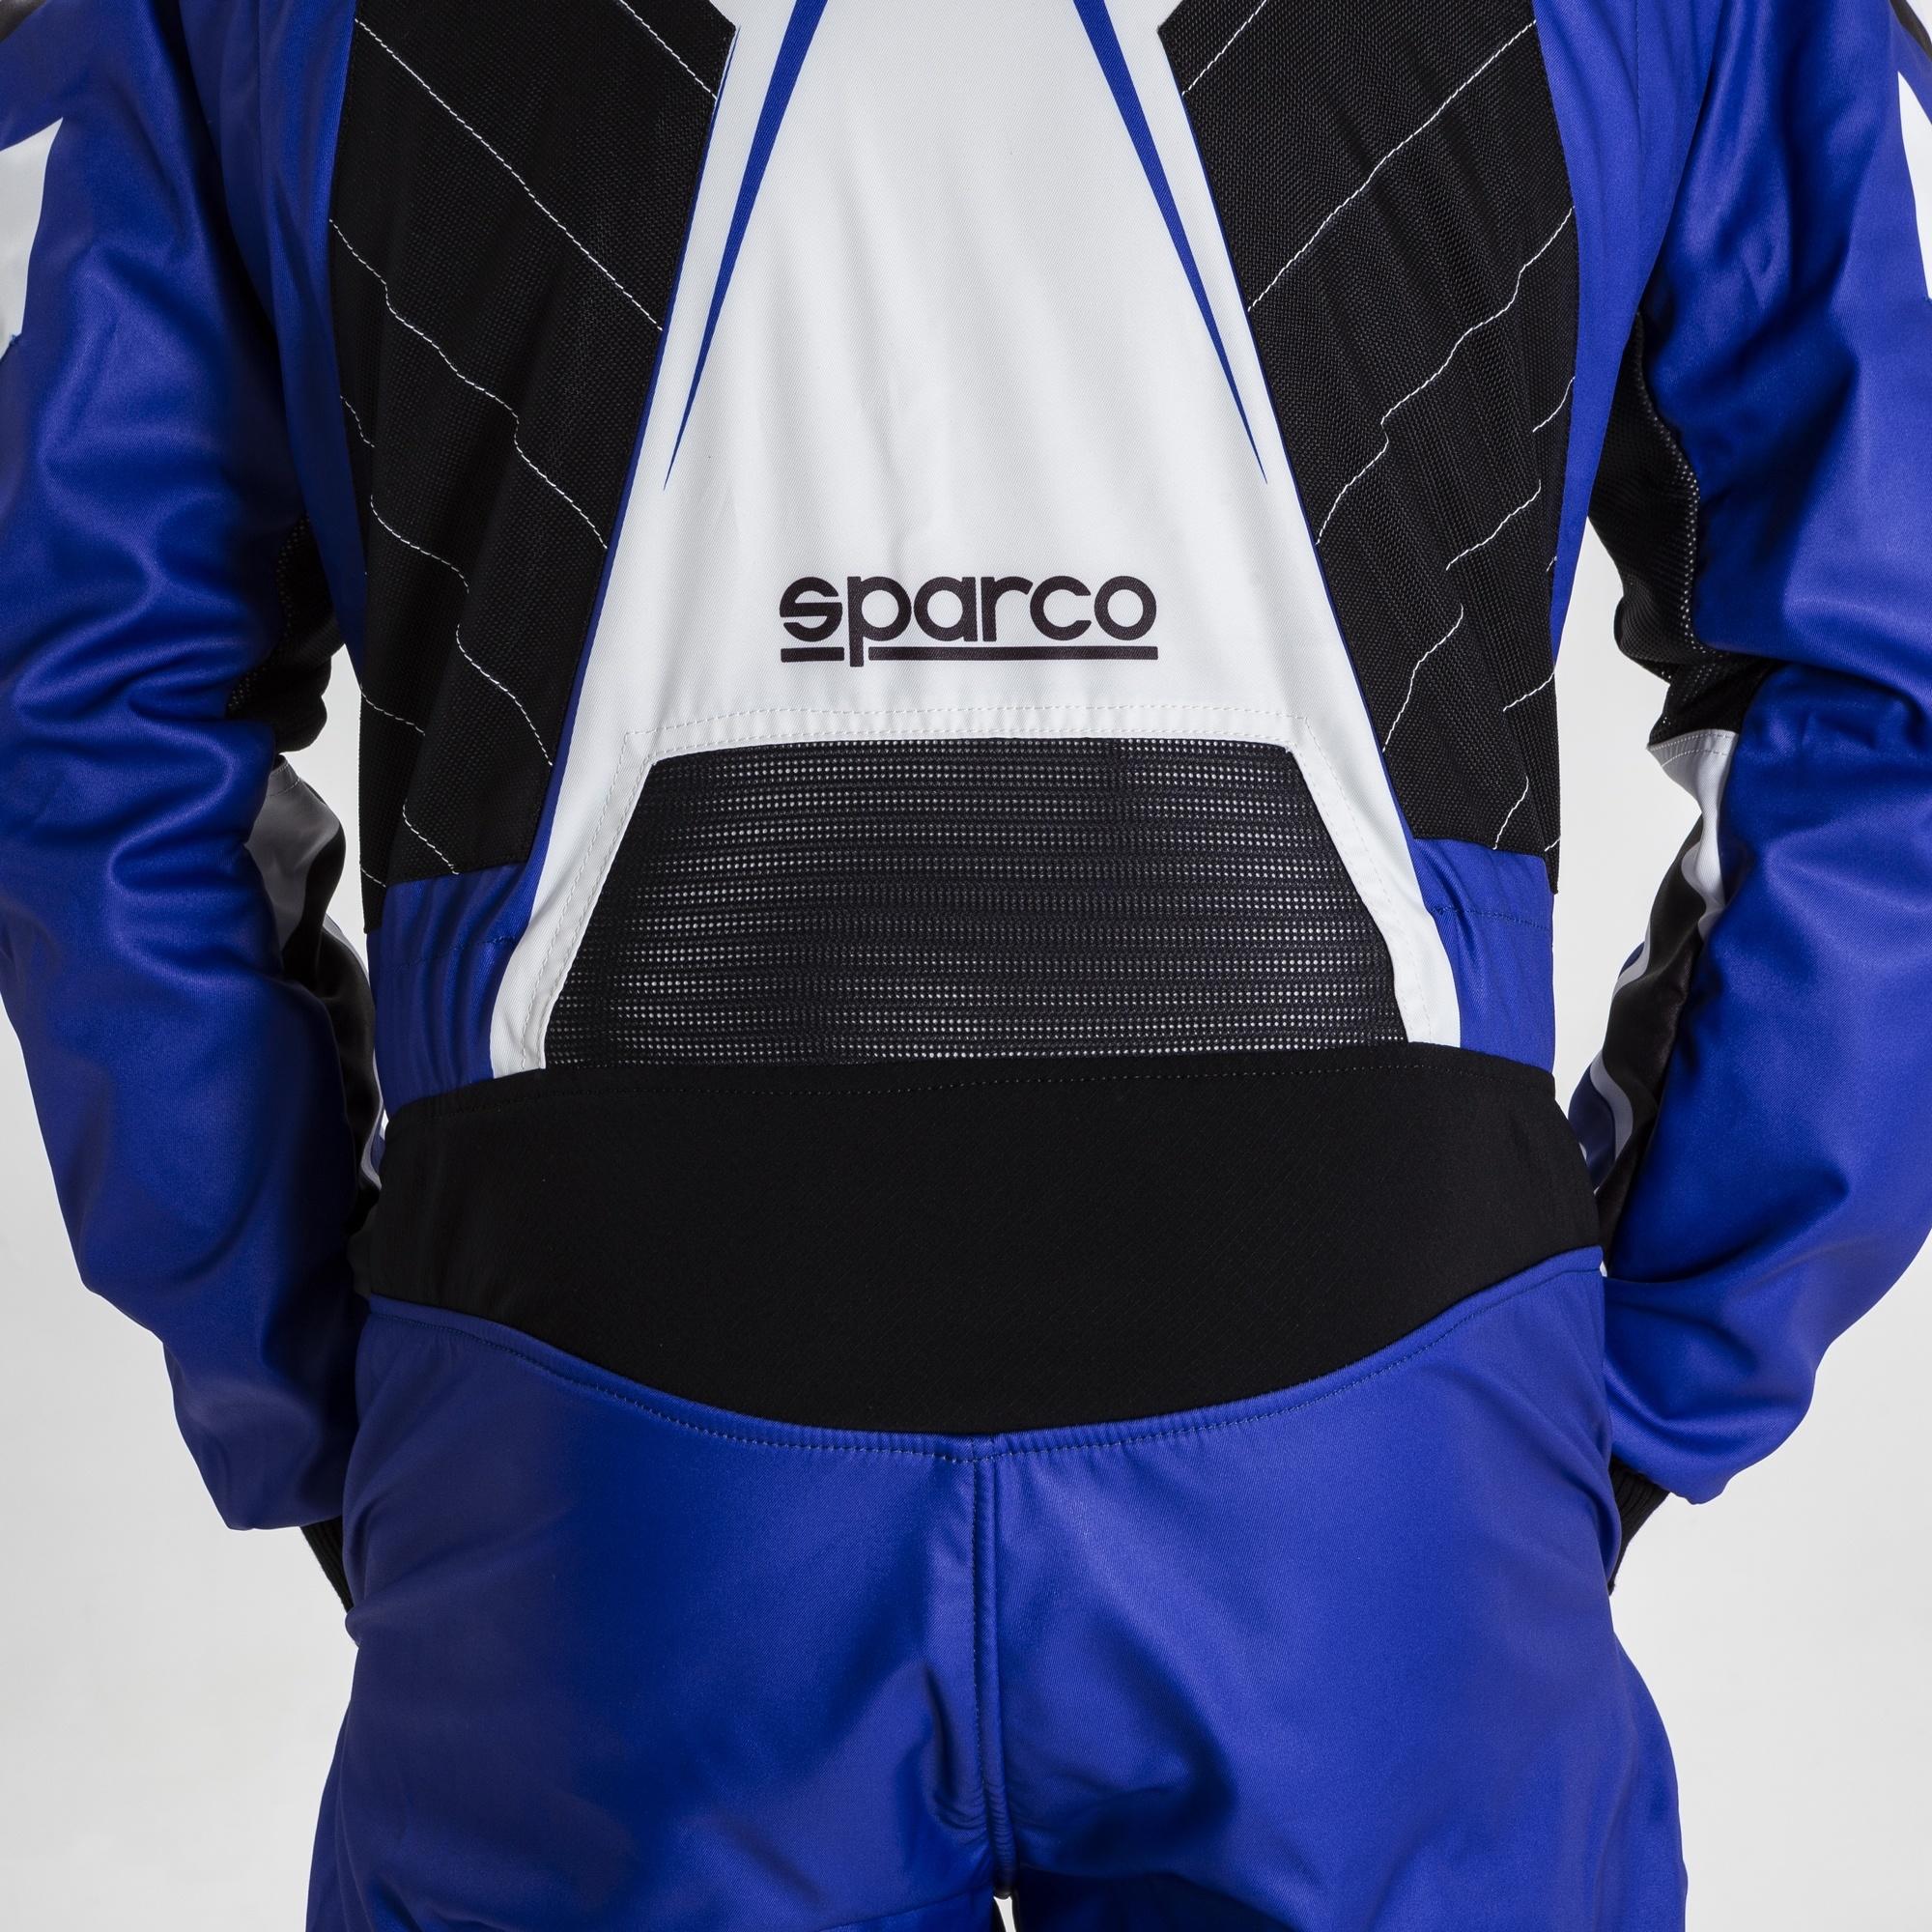 Sparco Prime K Blue White Black